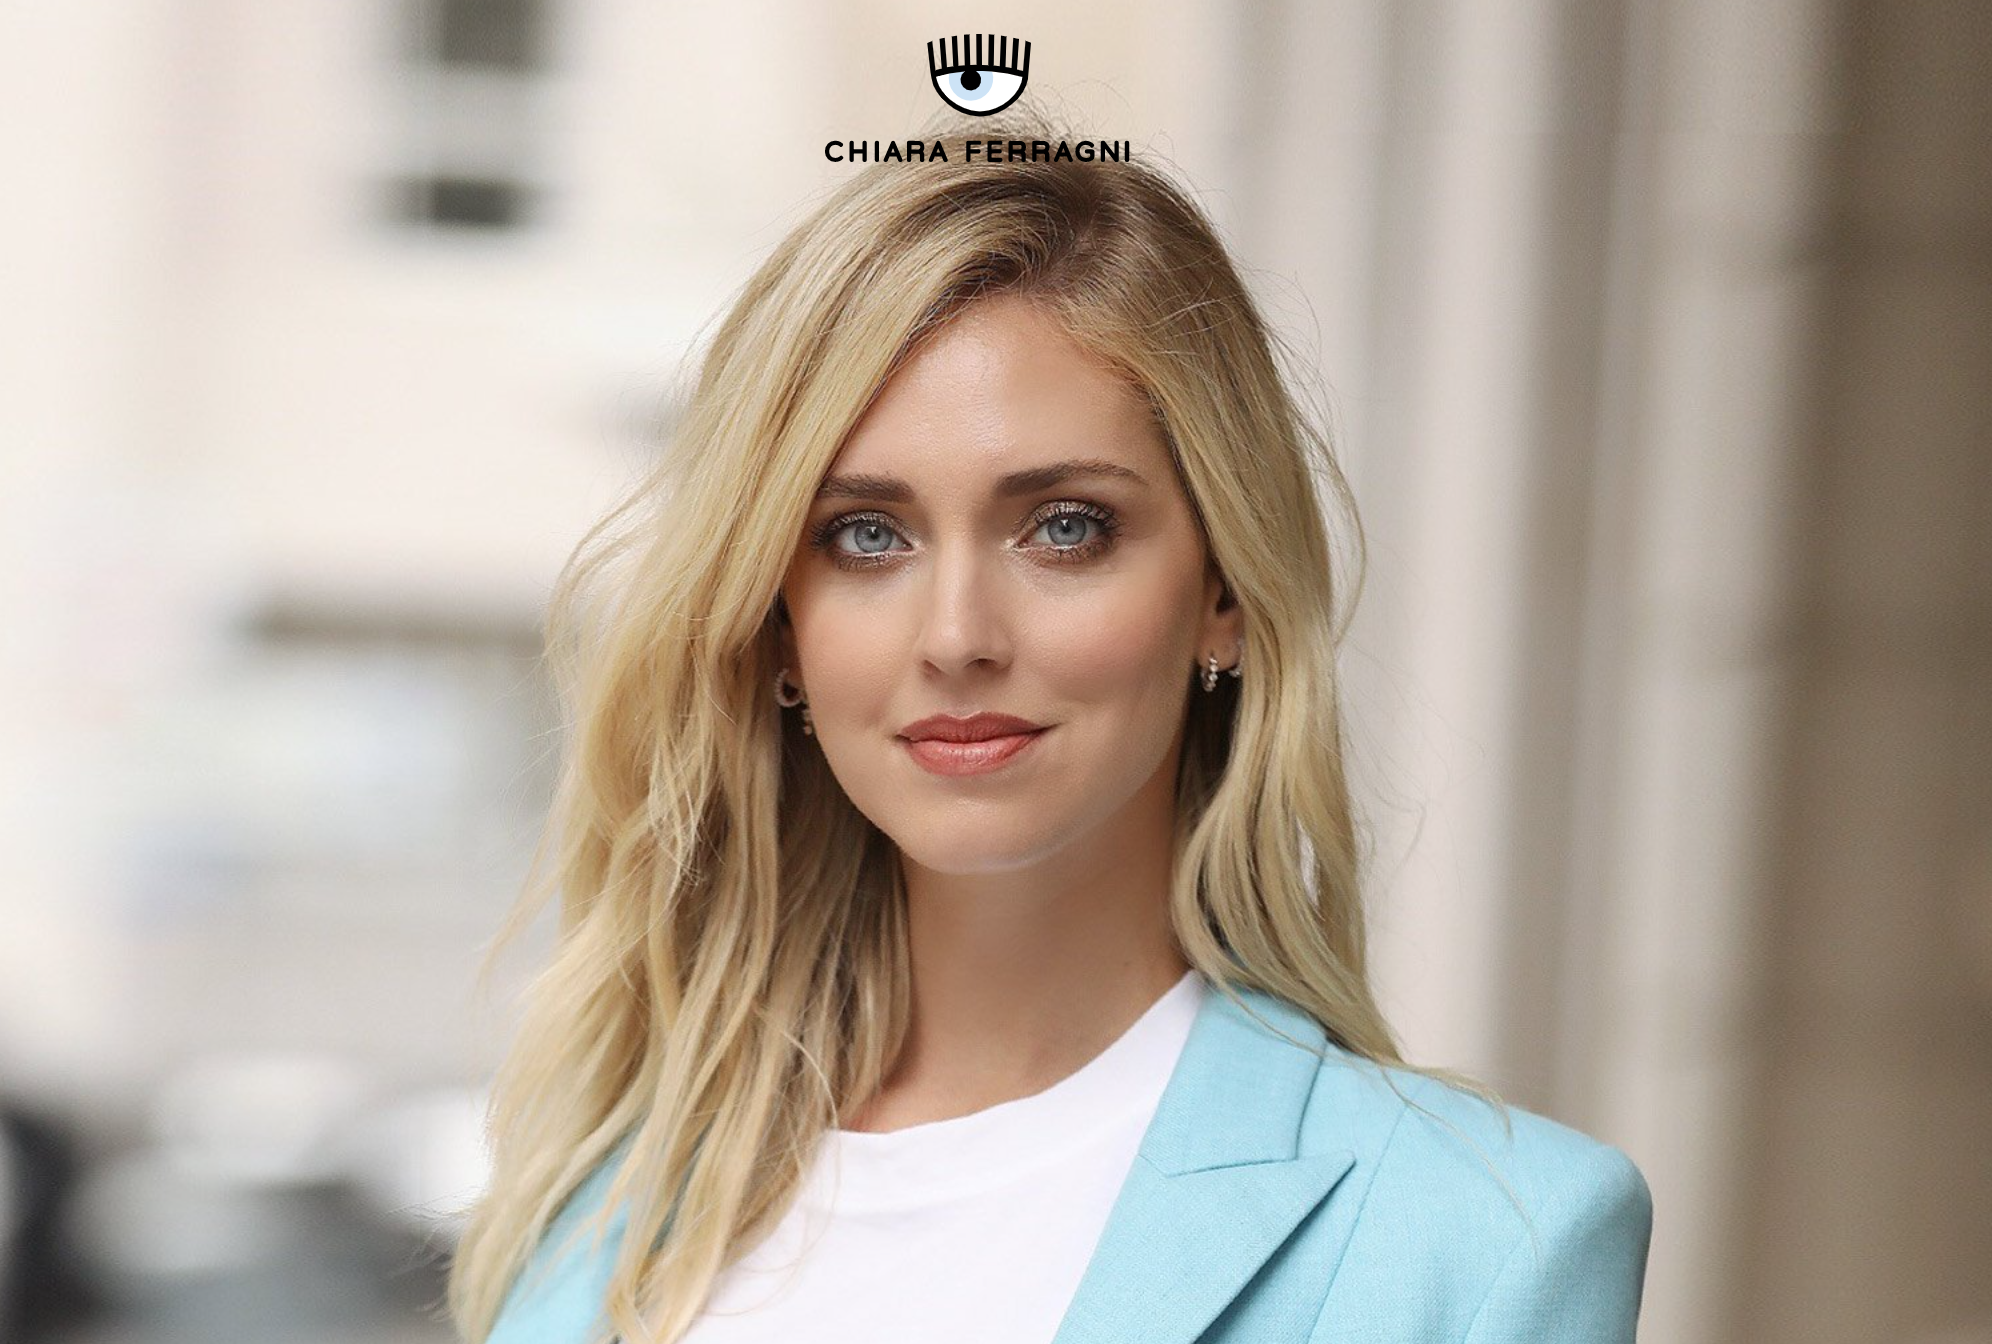 知名时尚博主 Chiara Ferragni全面控股同名品牌,即将推出珠宝和手表系列